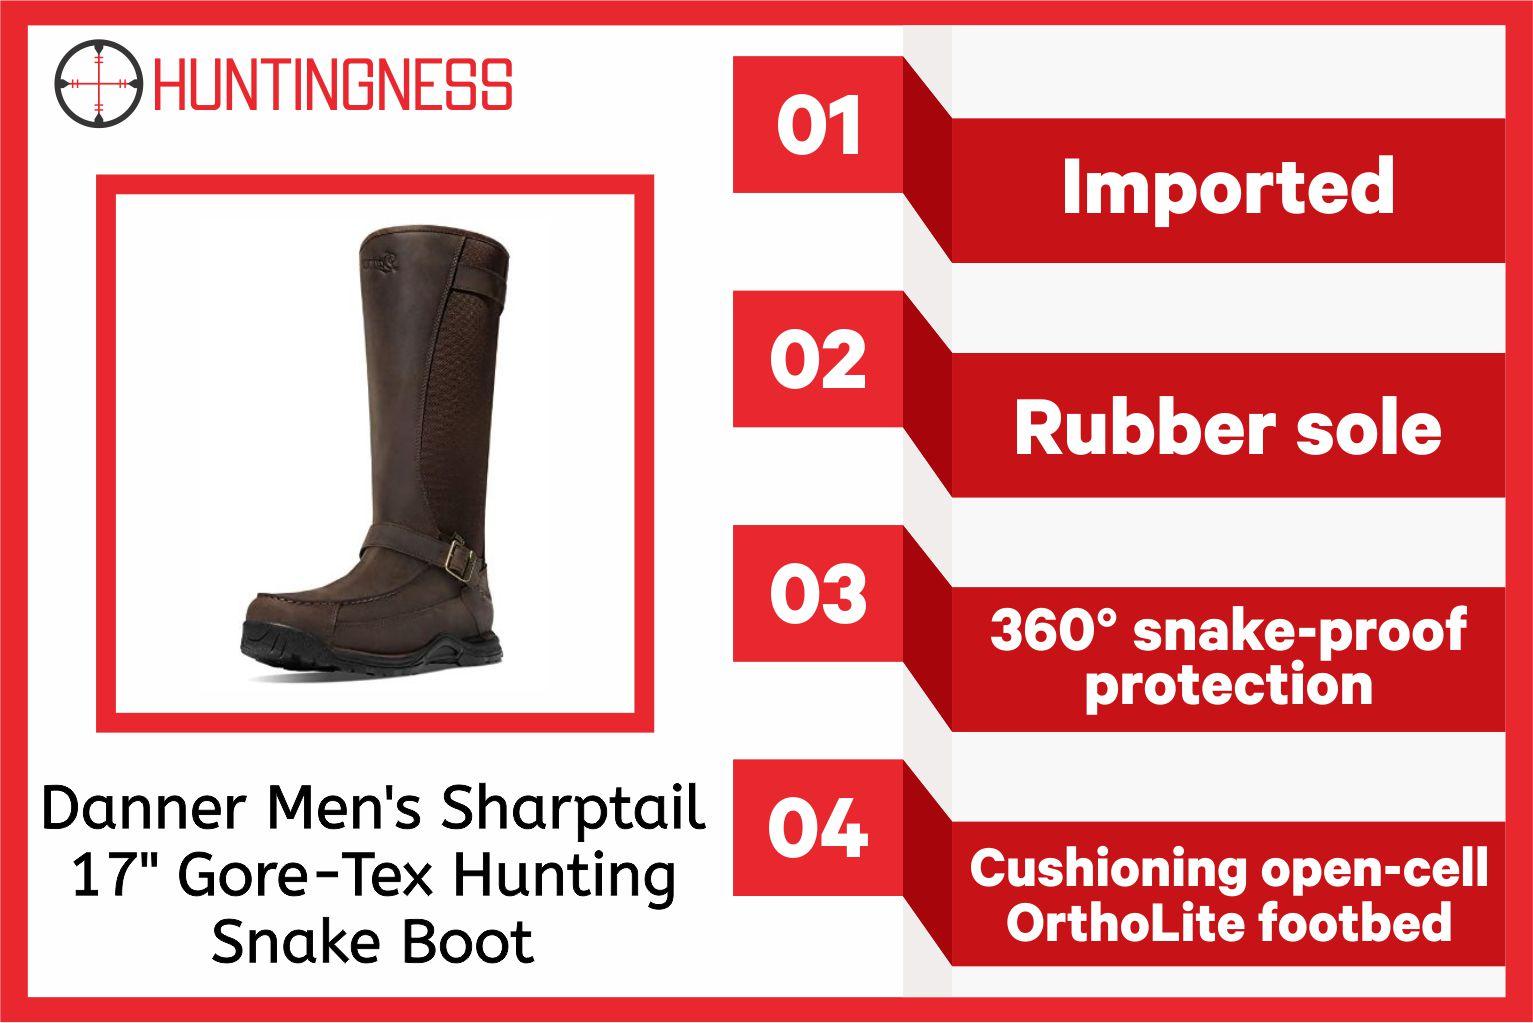 Danner Men's Sharptail 17 Gore-Tex Hunting Snake Boot infographics